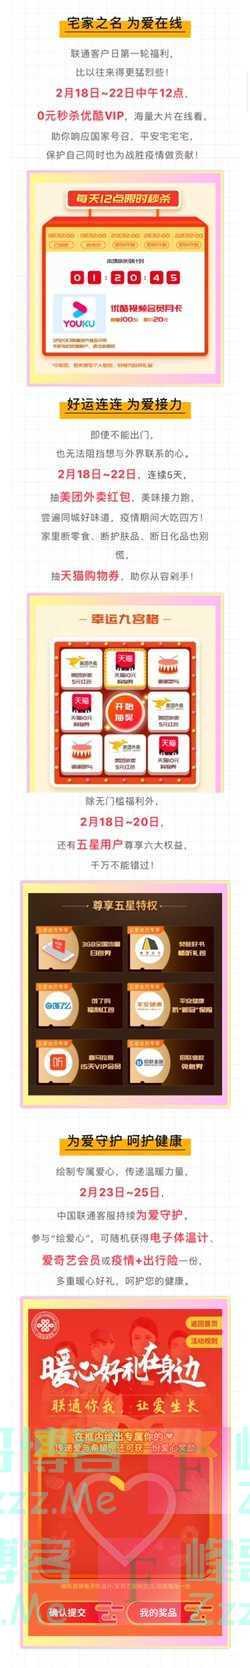 中国联通客服联通客户日 暖心好礼在身边(2月25日截止)